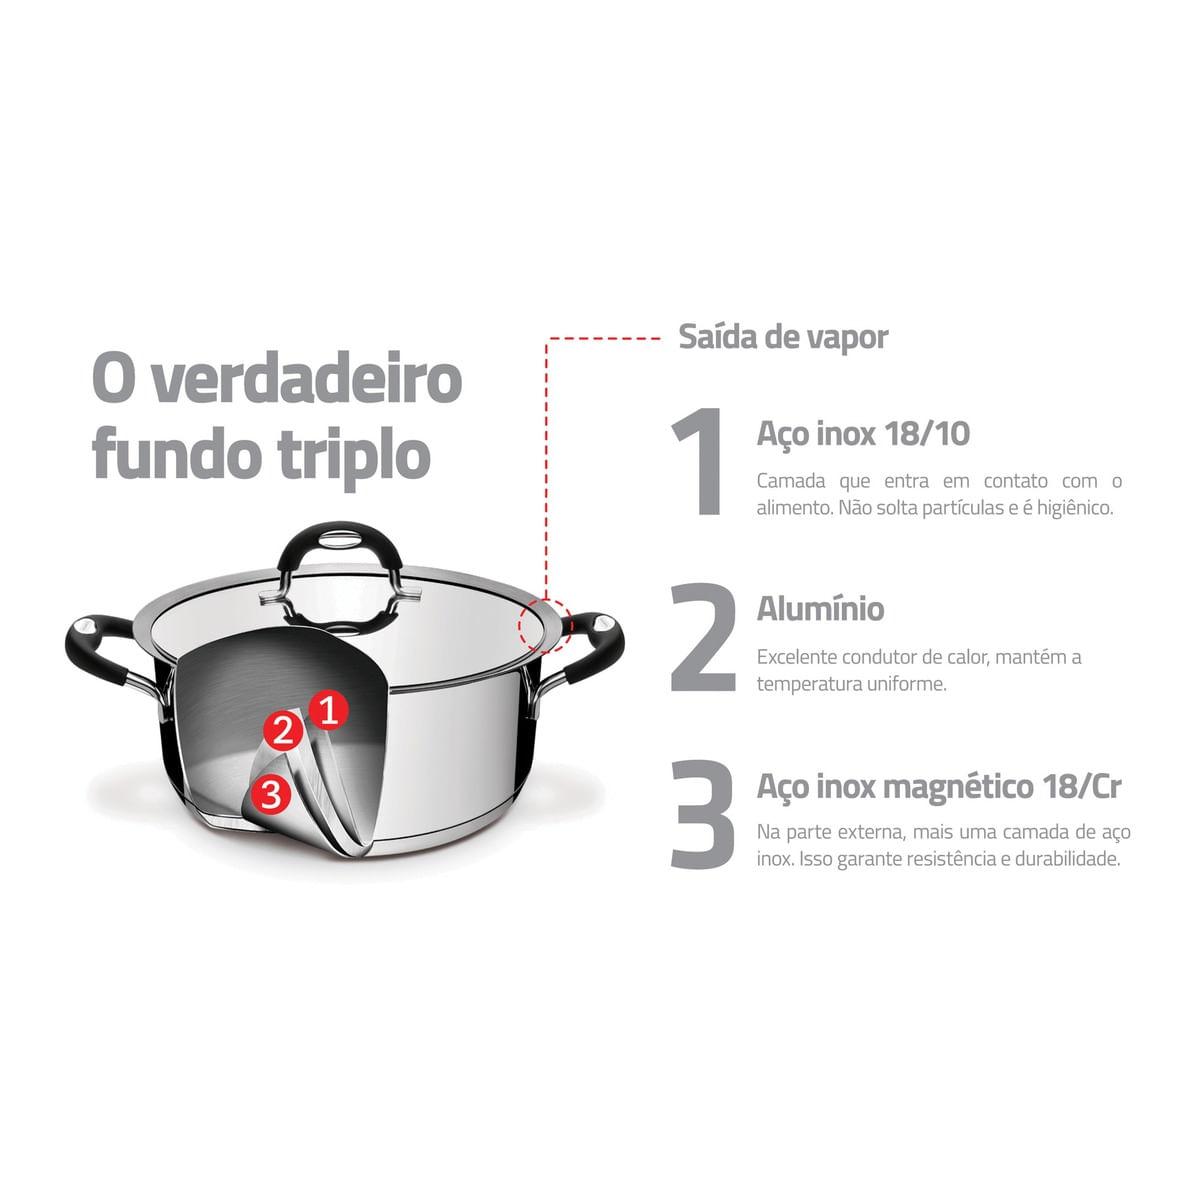 Jogo de Panelas Aço Inox 5 Peças DUO SILICONE Tramontina 65480010